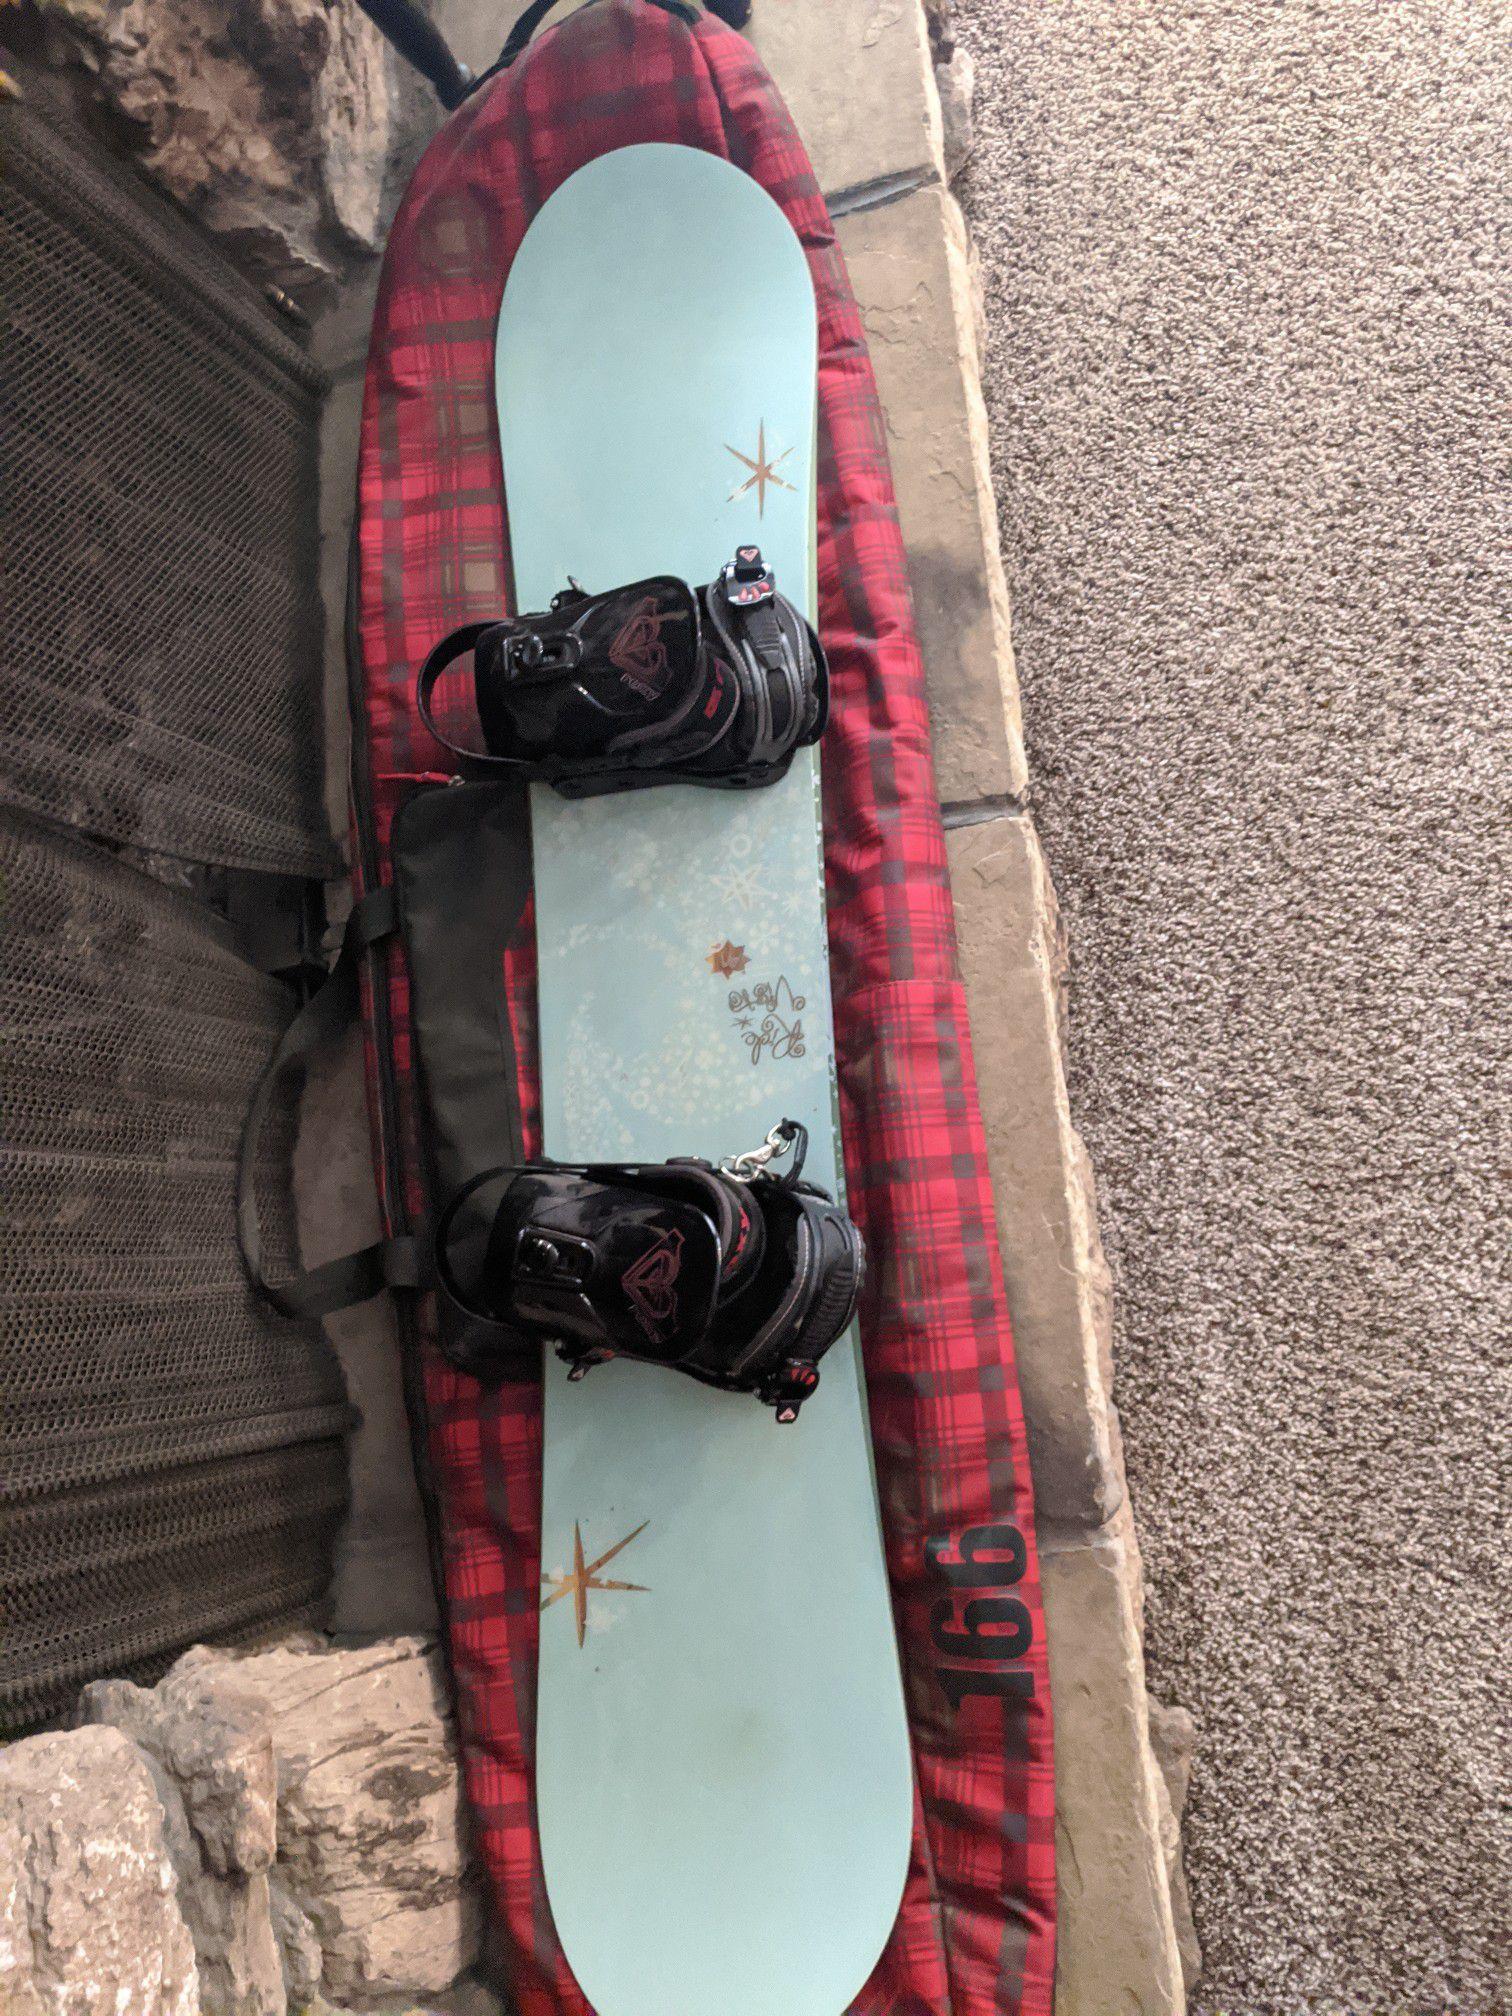 Snowboard, bindings, bag